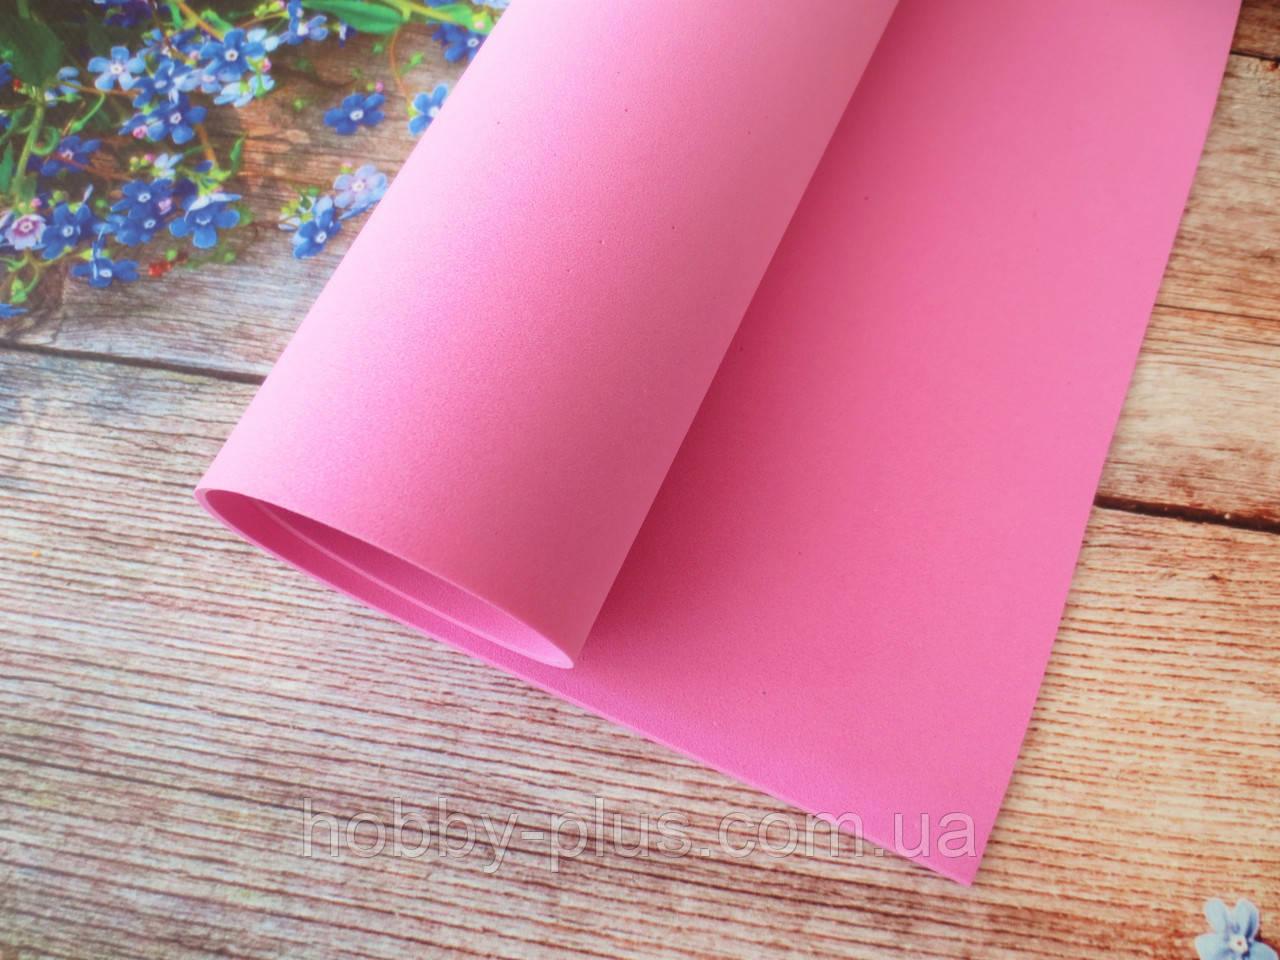 Фоамиран для ростовых цветов, 2 мм, 50х50 см, цвет розовый